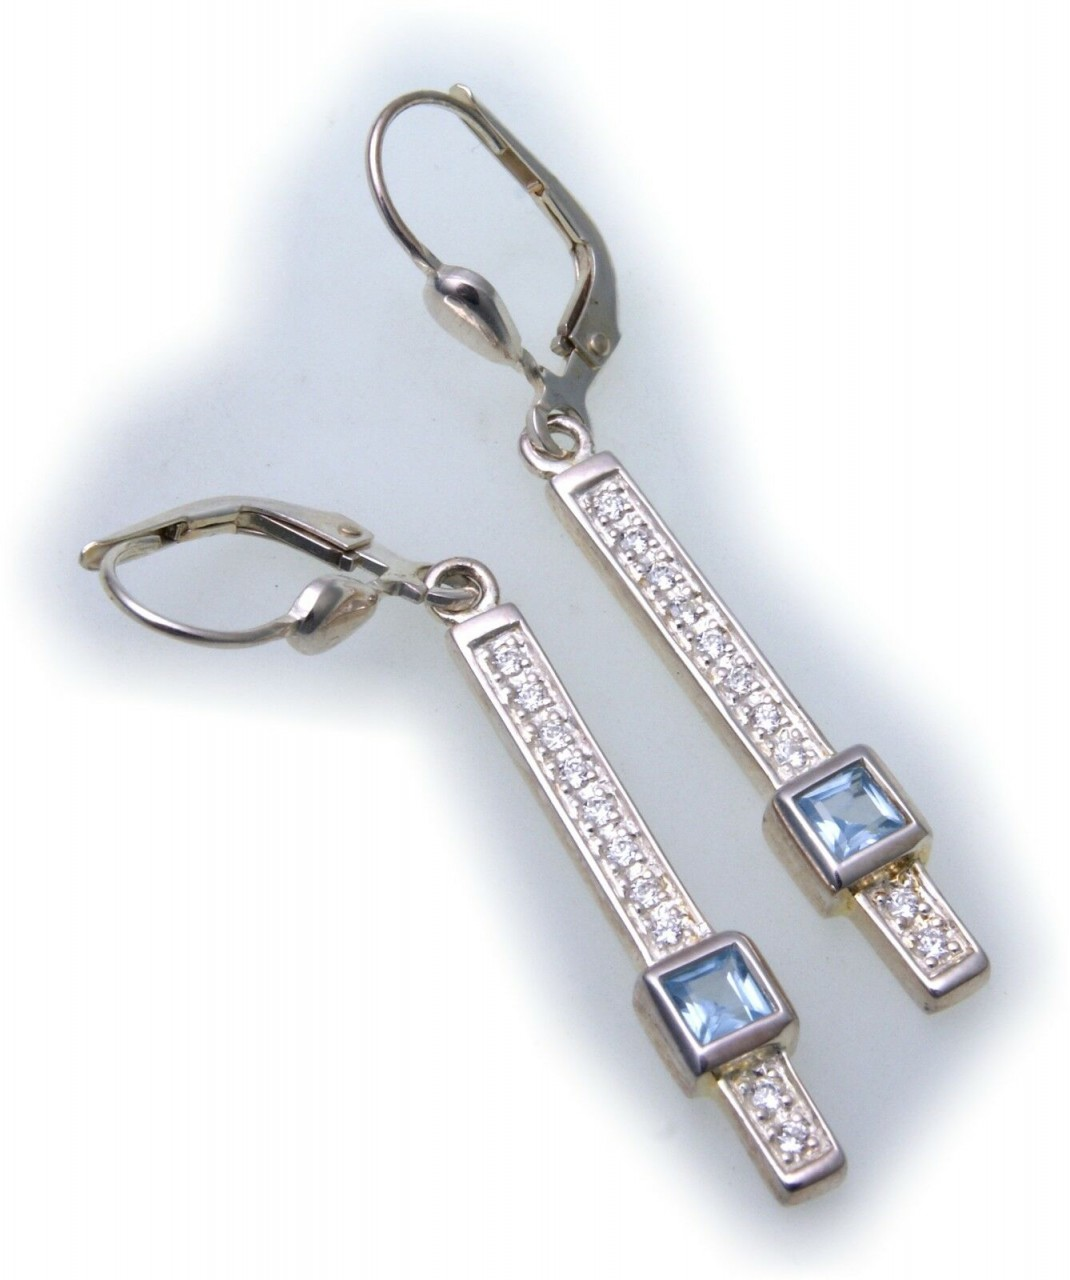 Ohrringe Hänger Rechteck Silber 925 Sterlingsilber Aquamarin Zirkonia Ohrhänger